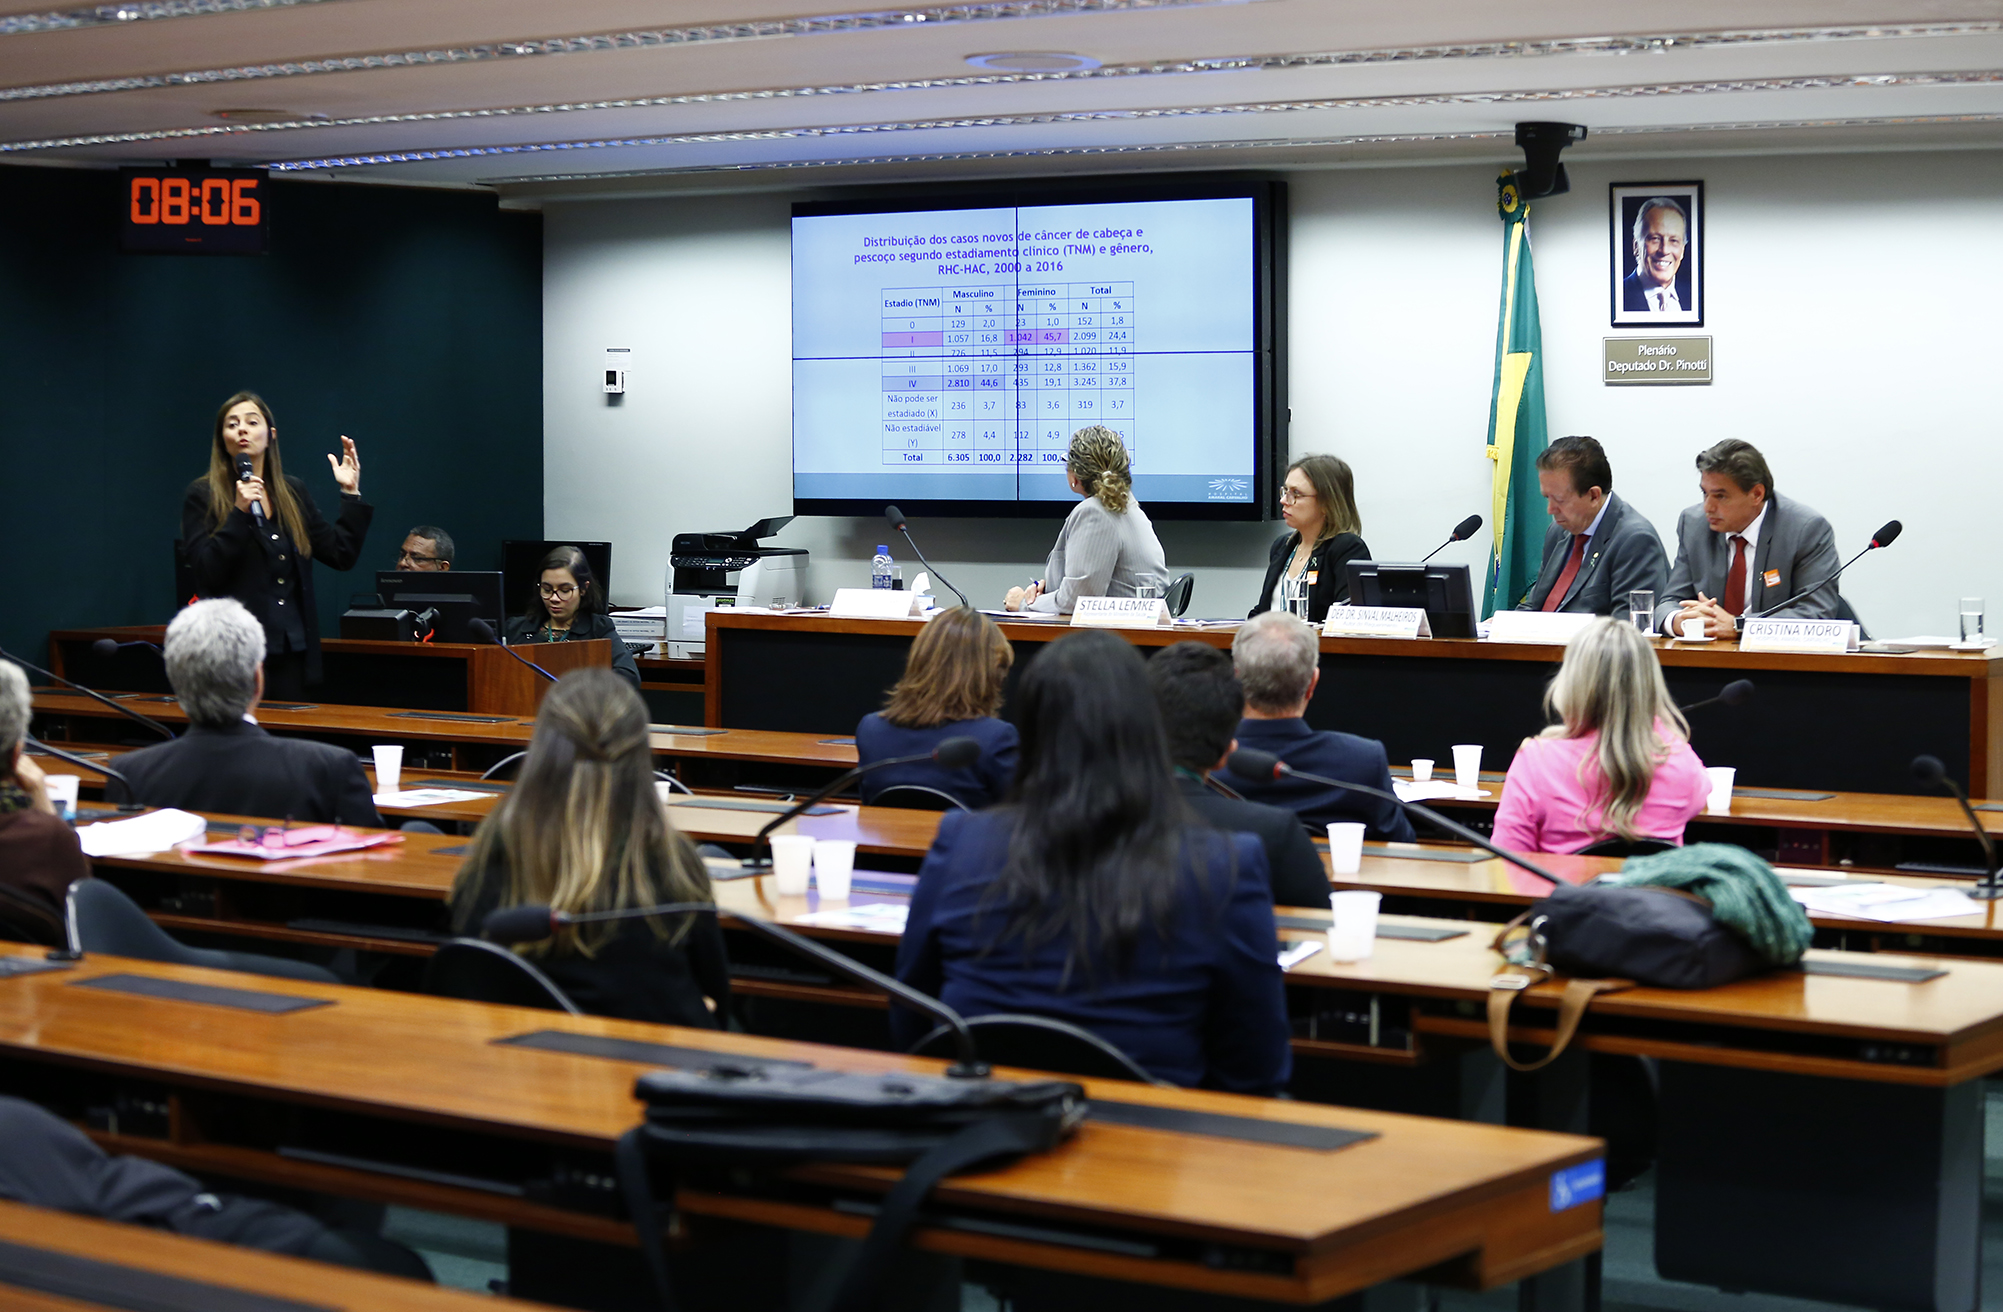 Audiência pública sobre a prevenção do câncer de cabeça e pescoço